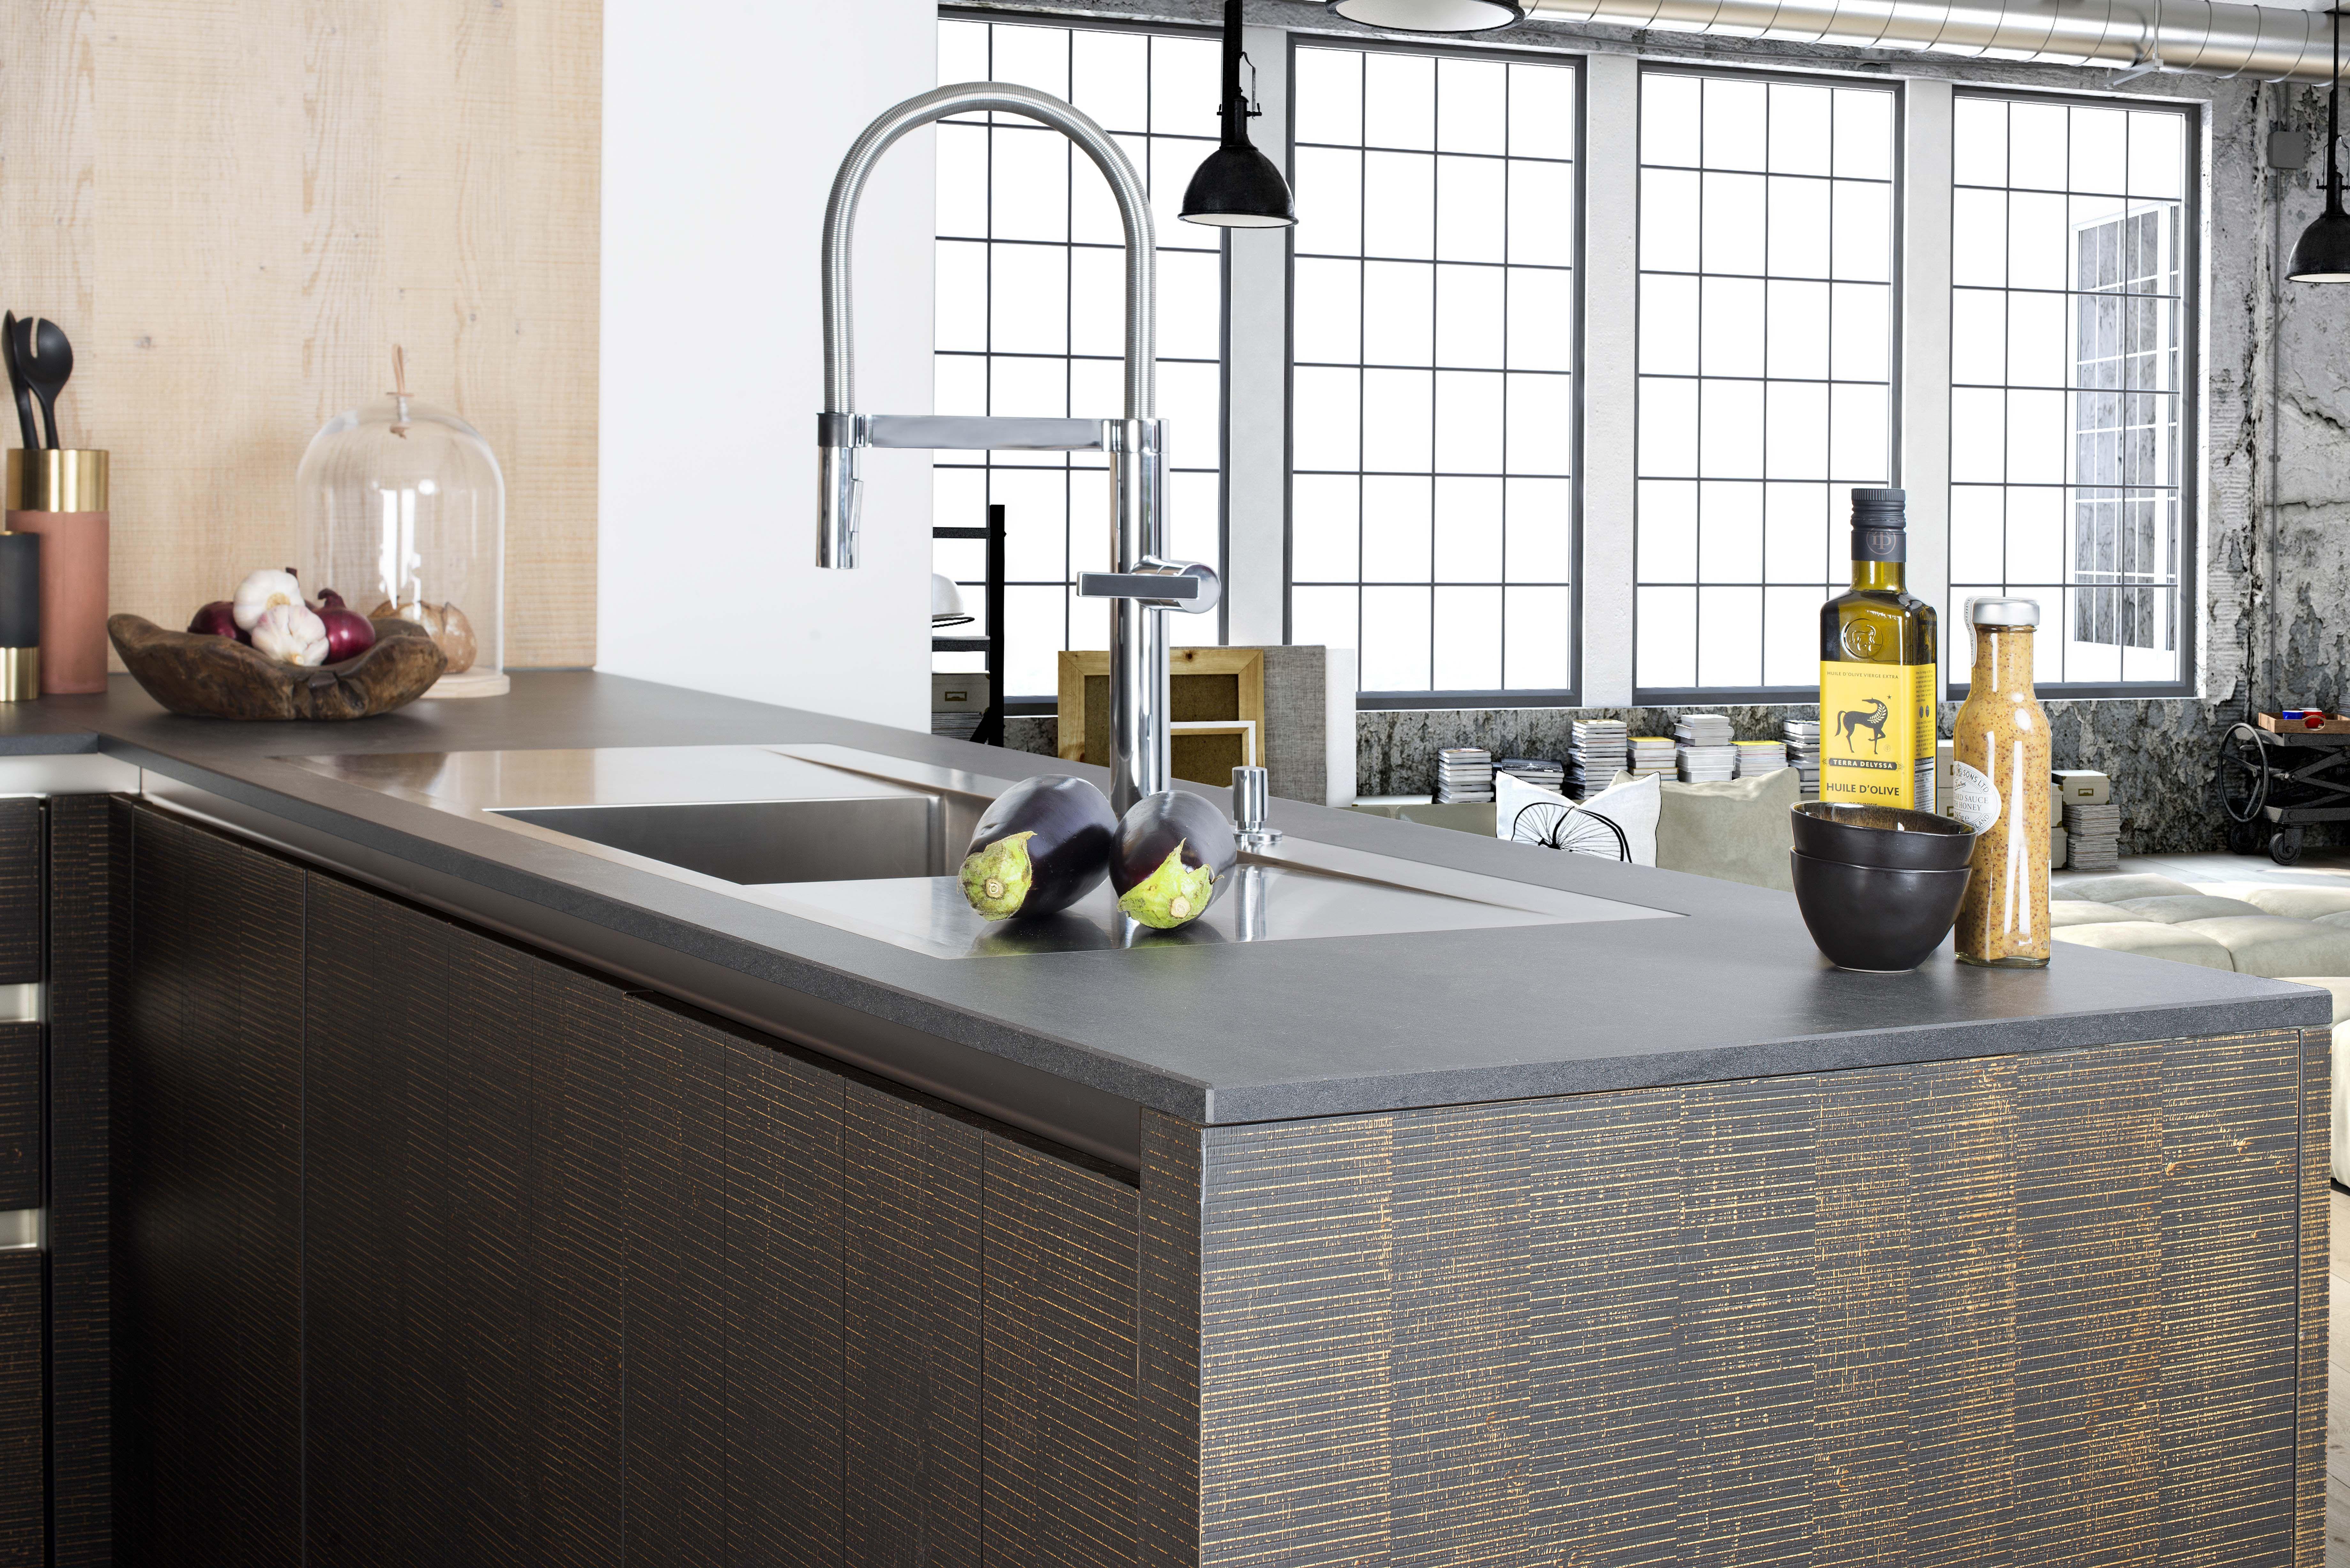 avalon une cuisine en bois brut de sciage le large choix de plans de travail vous permettra. Black Bedroom Furniture Sets. Home Design Ideas